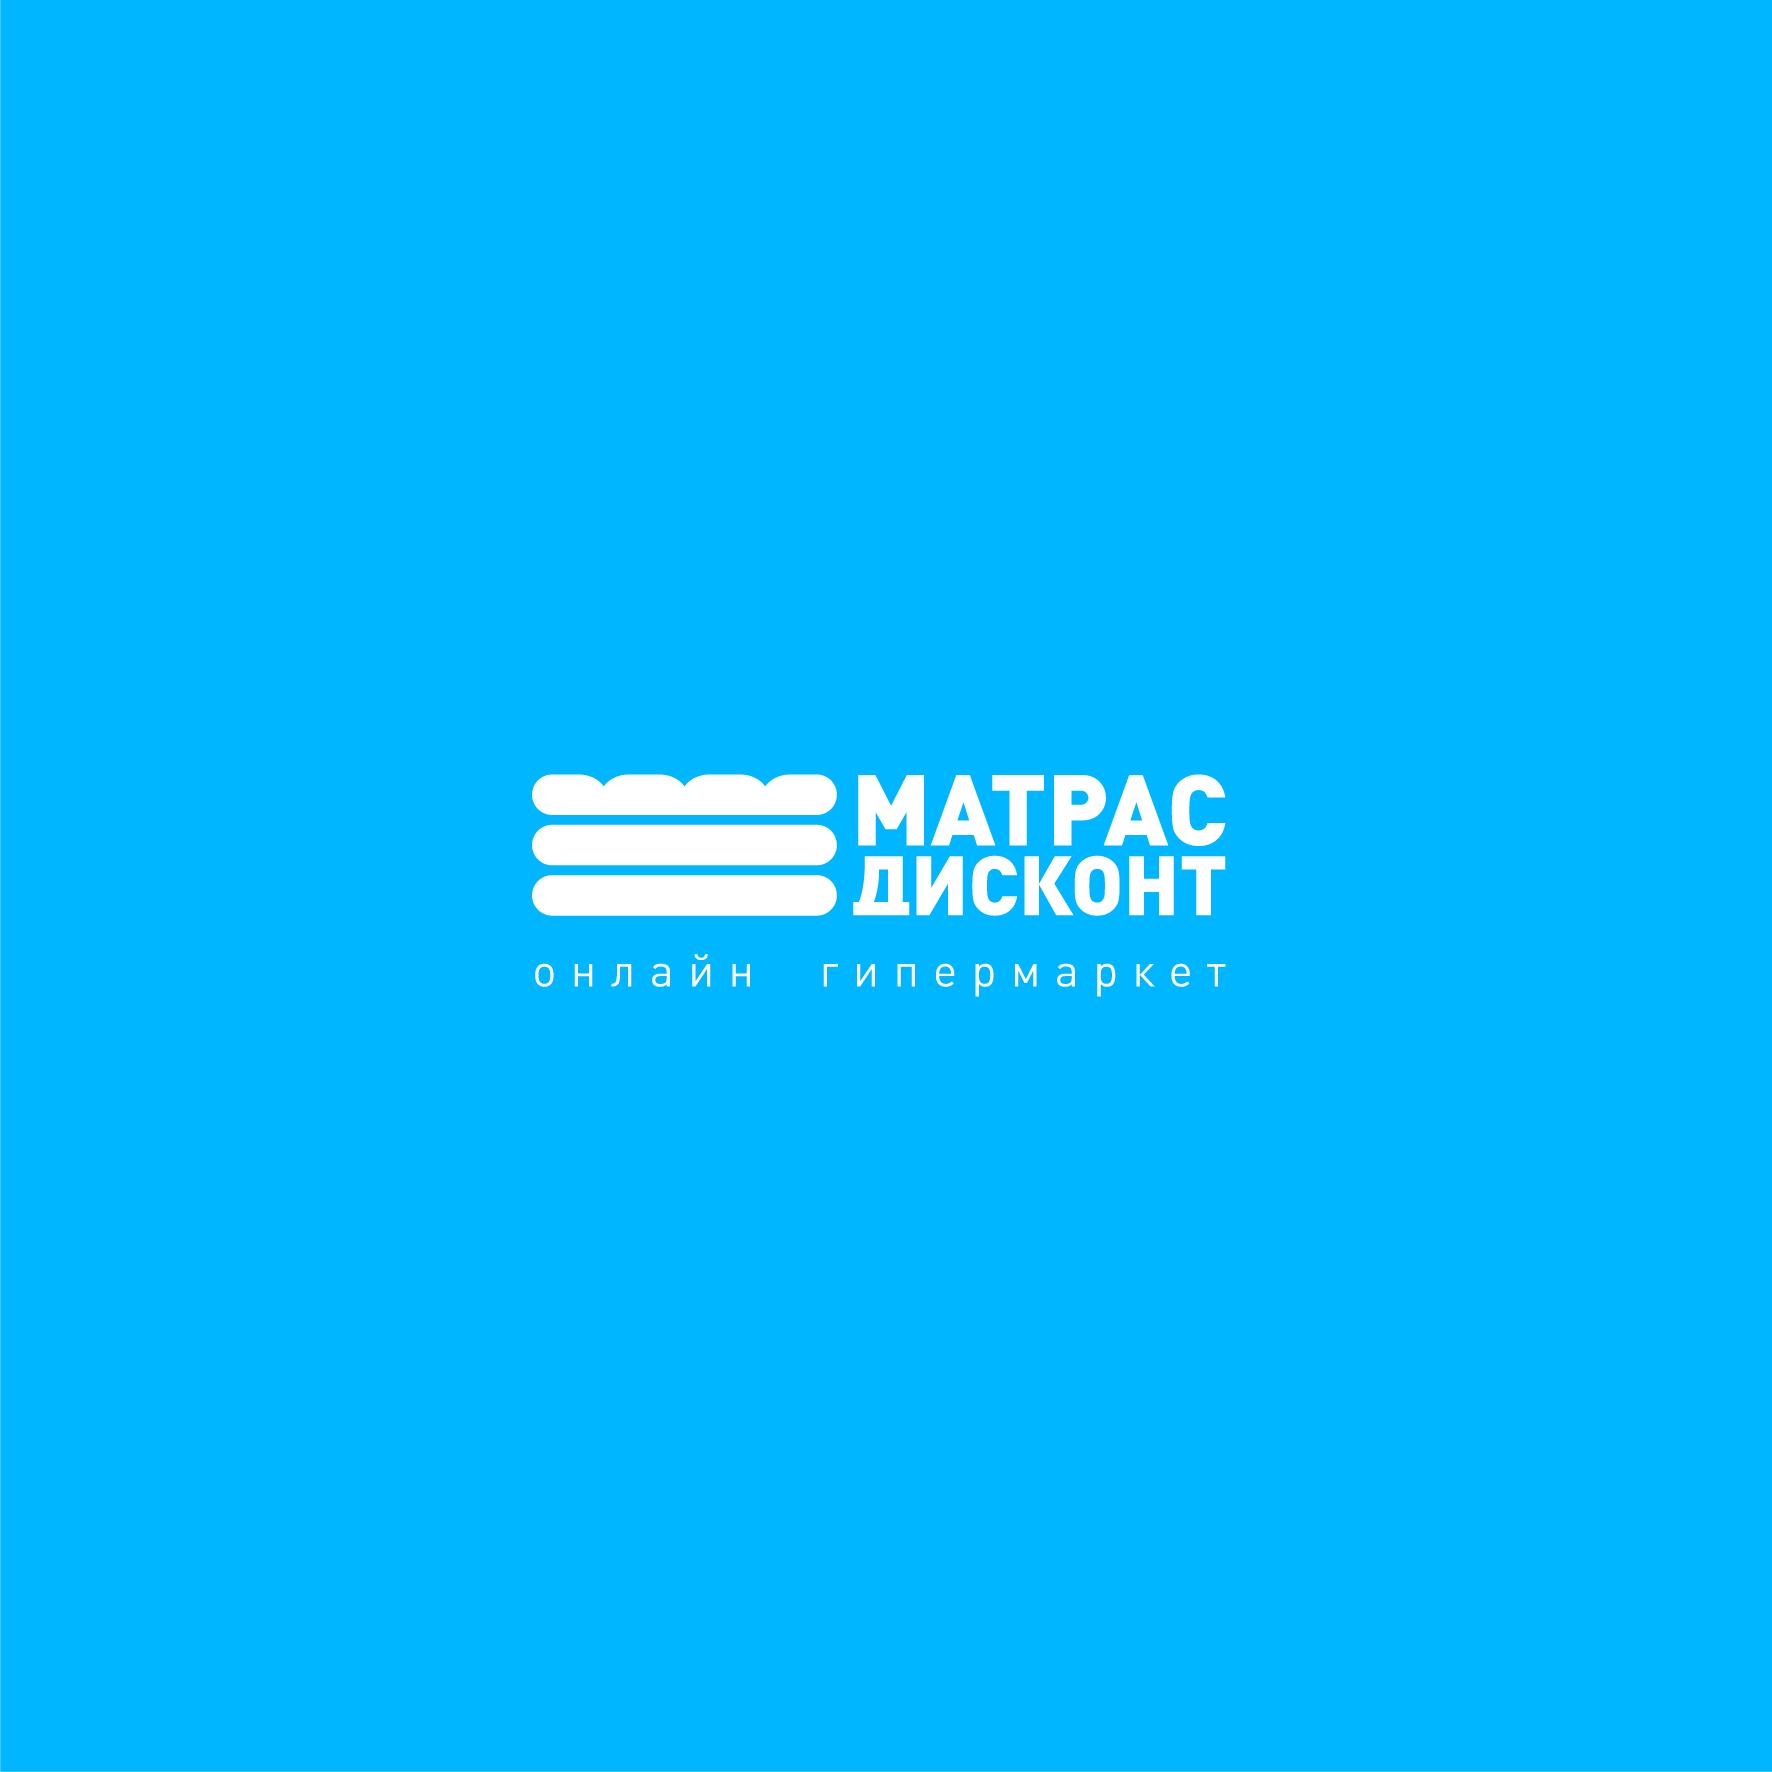 Логотип для ИМ матрасов фото f_3415c864d2de2da2.jpg